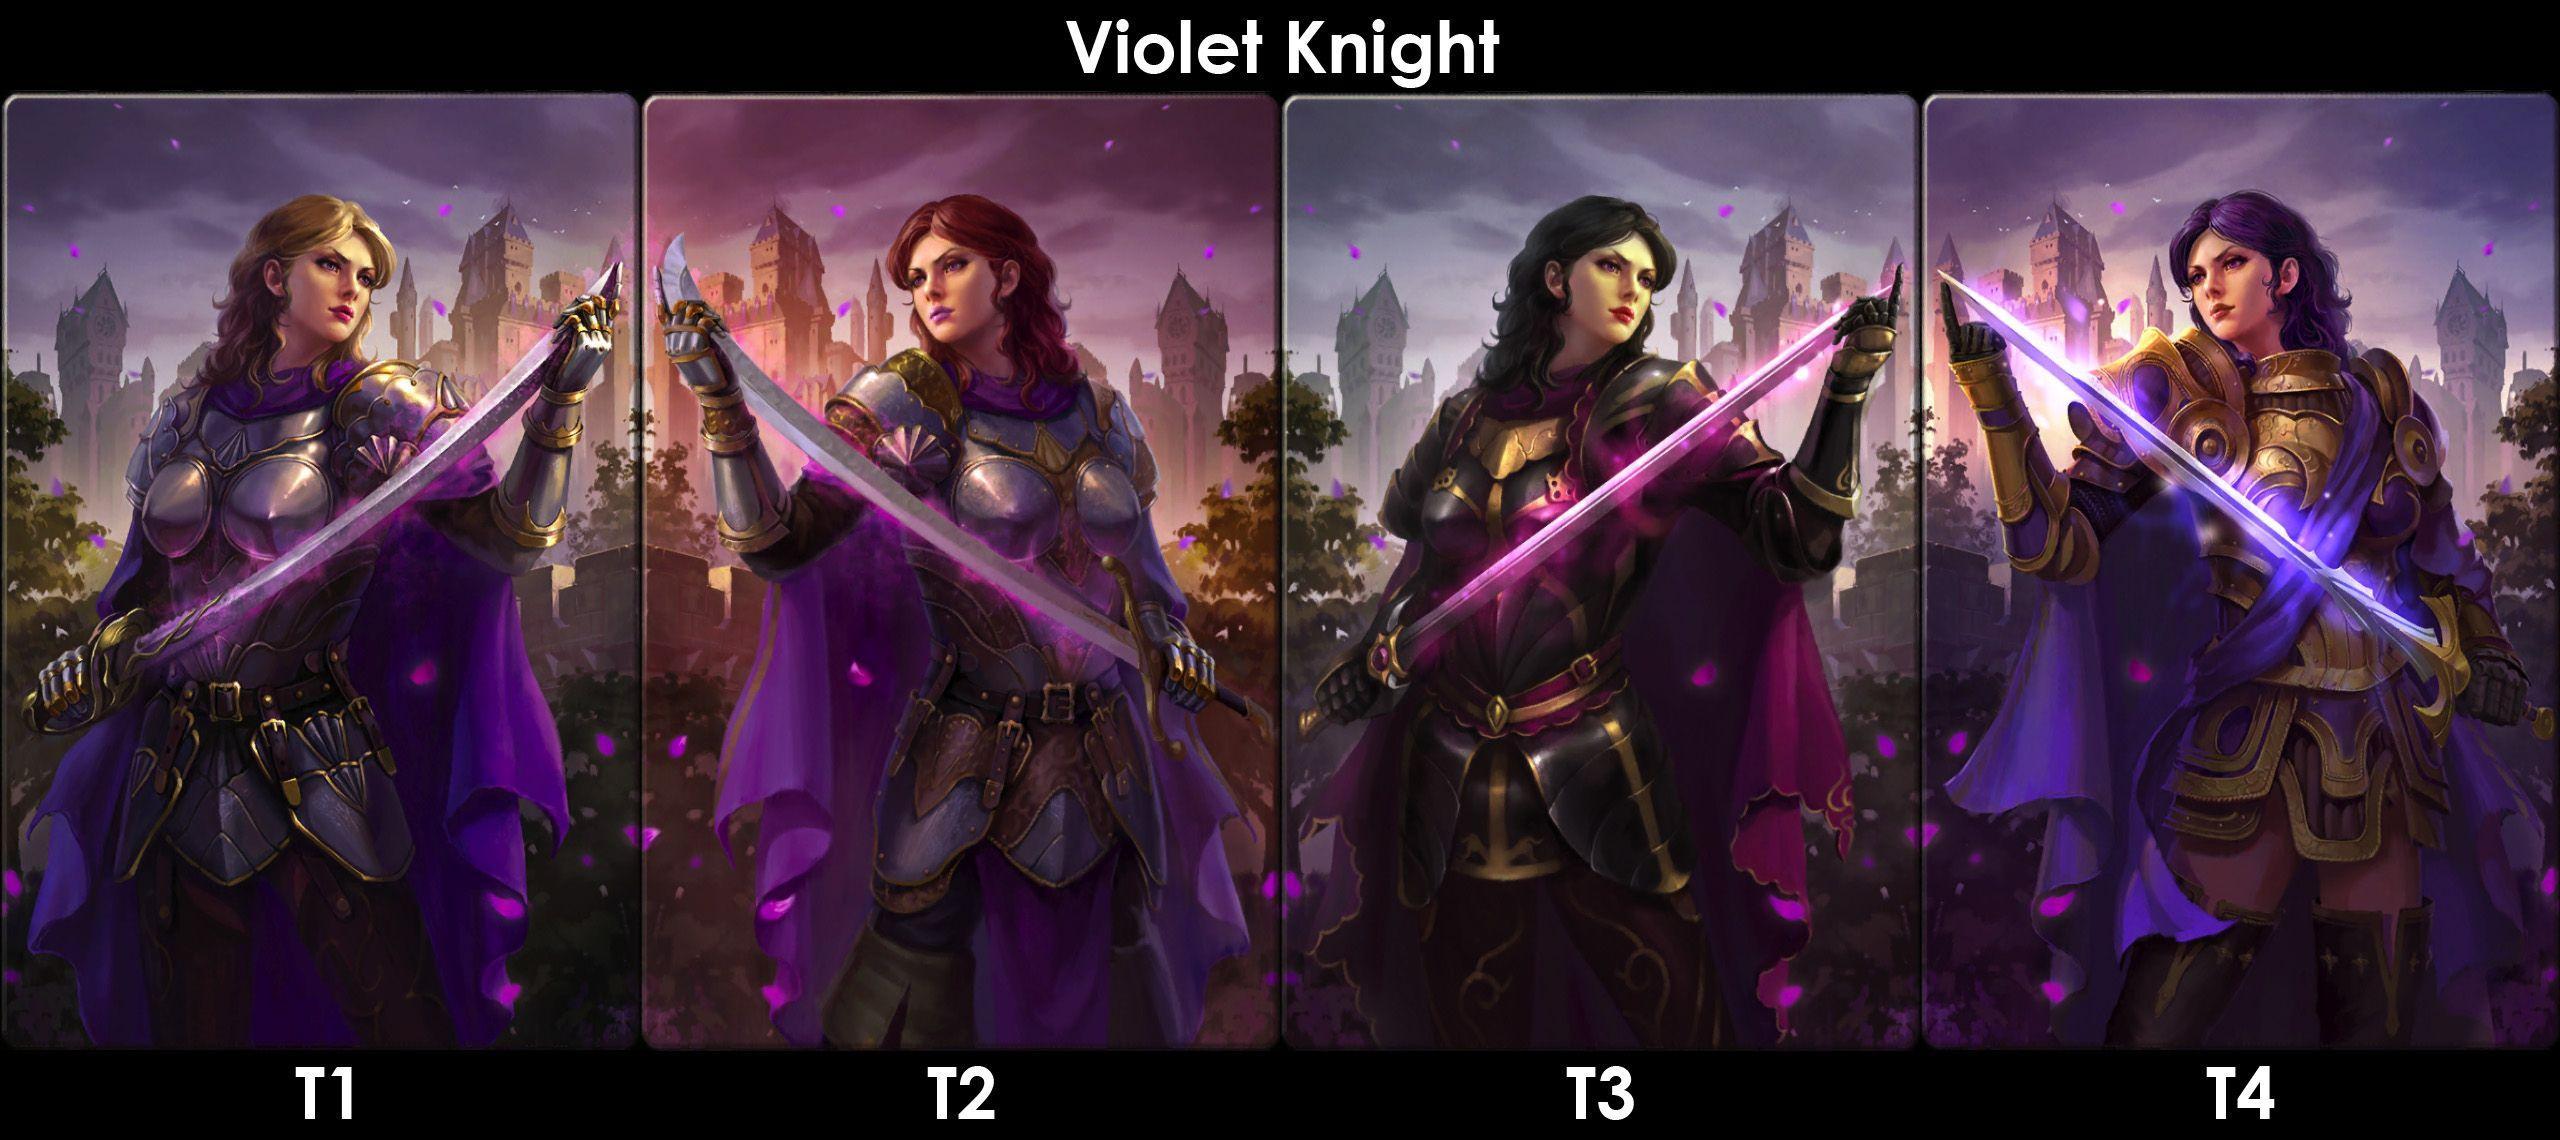 Violet Knights